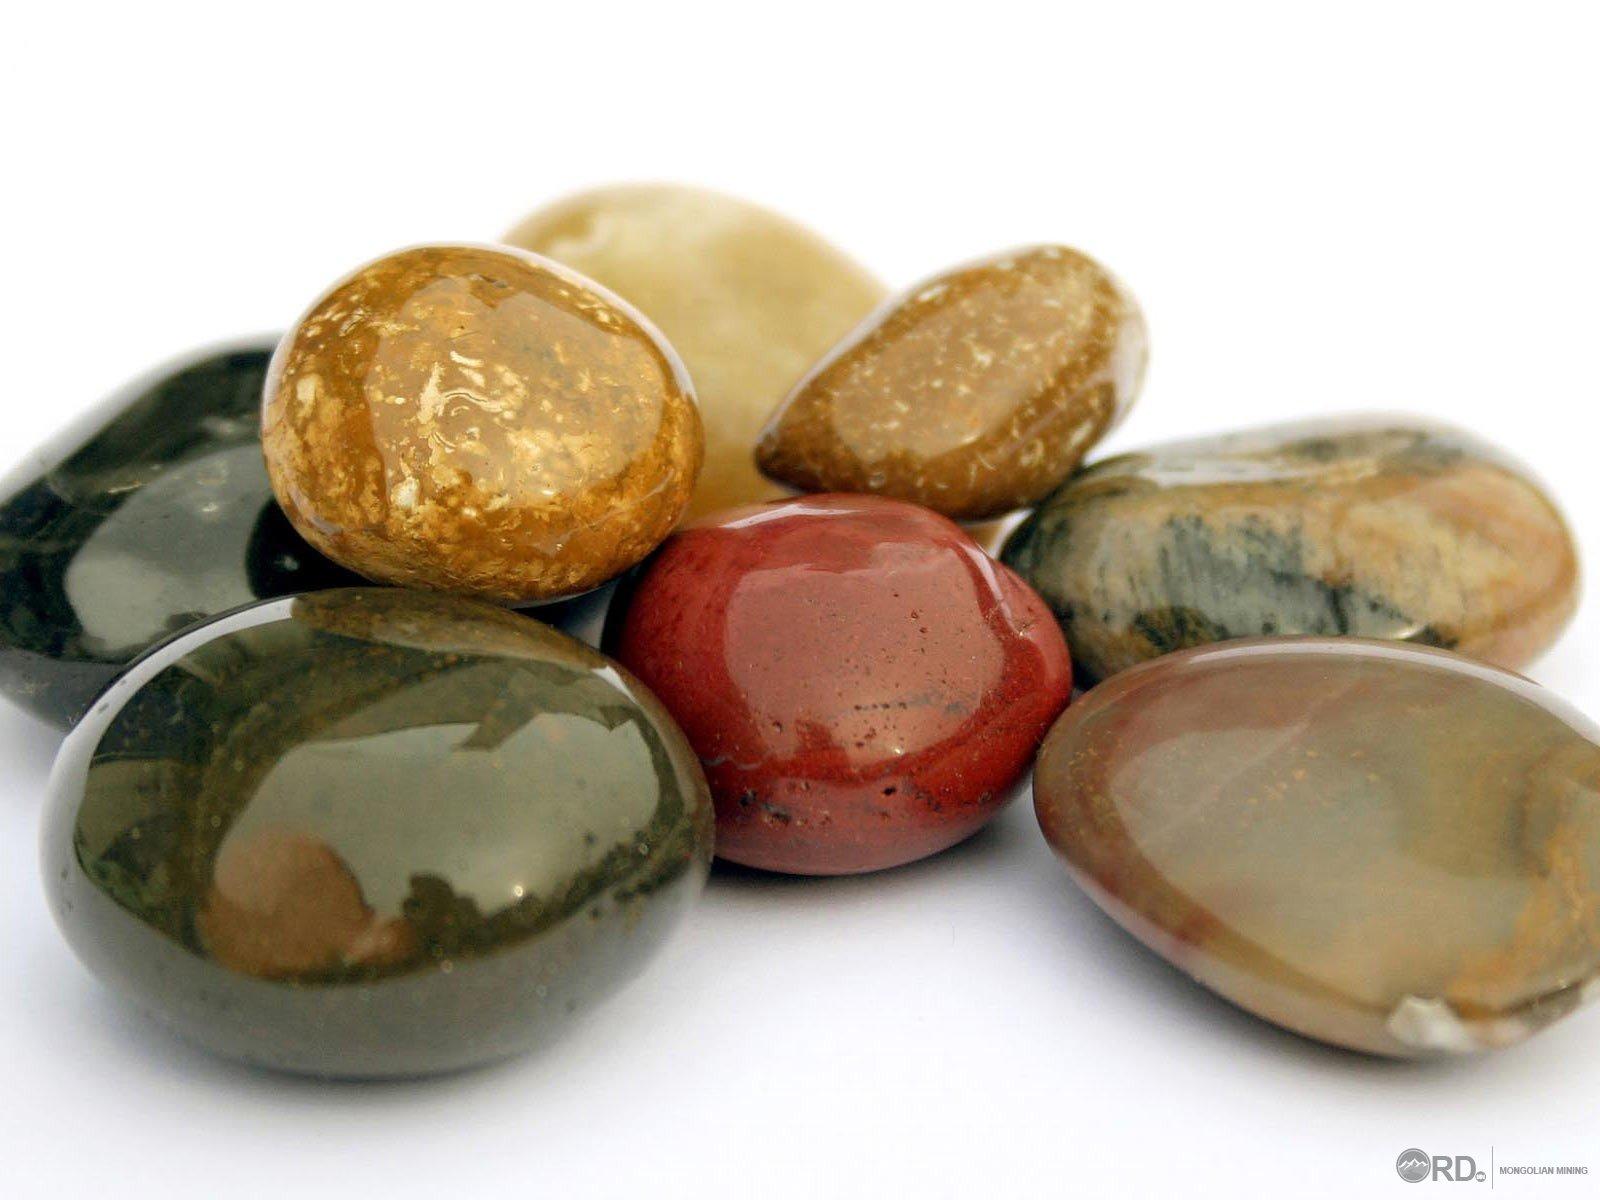 Үнэт металл, чулууны арилжаа, үл хөдлөх эд хөрөнгө зуучлал эрхэлдэг 6,000 гаруй нэгжид СЗХ хяналт тавина